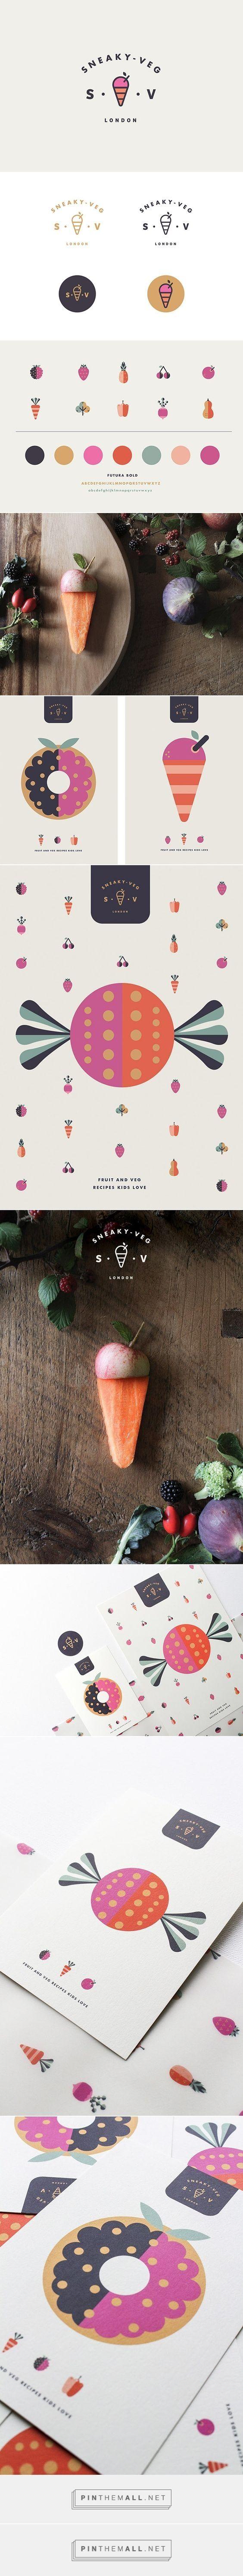 Sneaky Veg Branding by Vicki Turner | Fivestar Branding – Design and Branding Agency & Inspiration Gallery